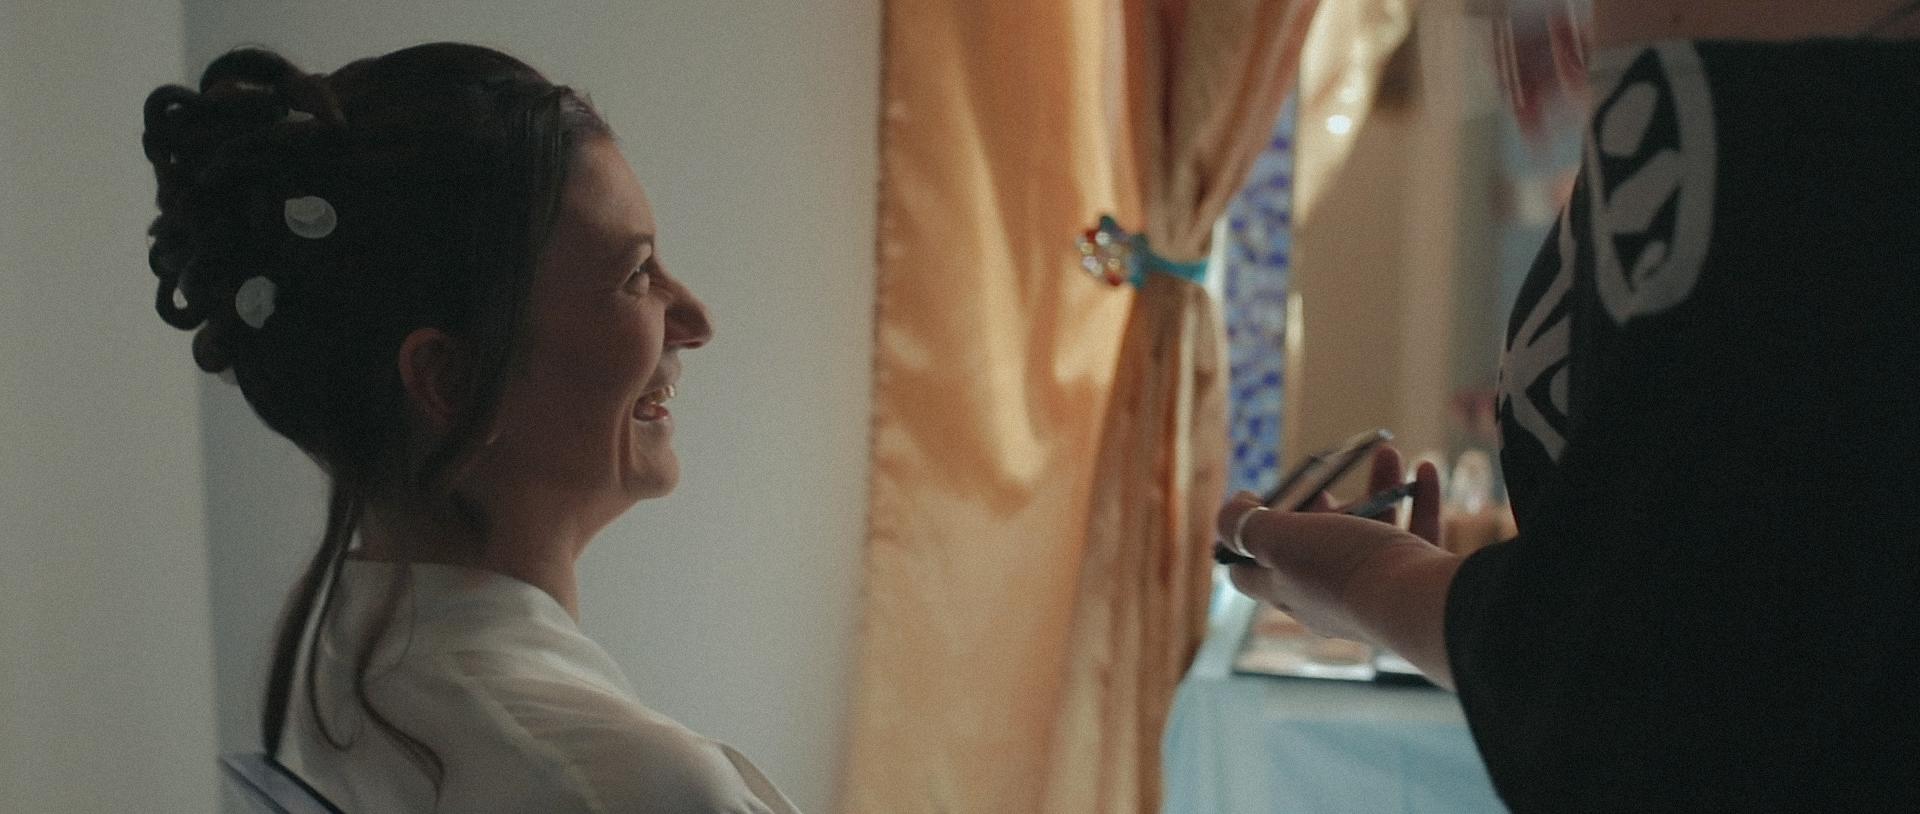 Fabio-Valentina-5 12. Love in Rewind | Trailer (Eng)